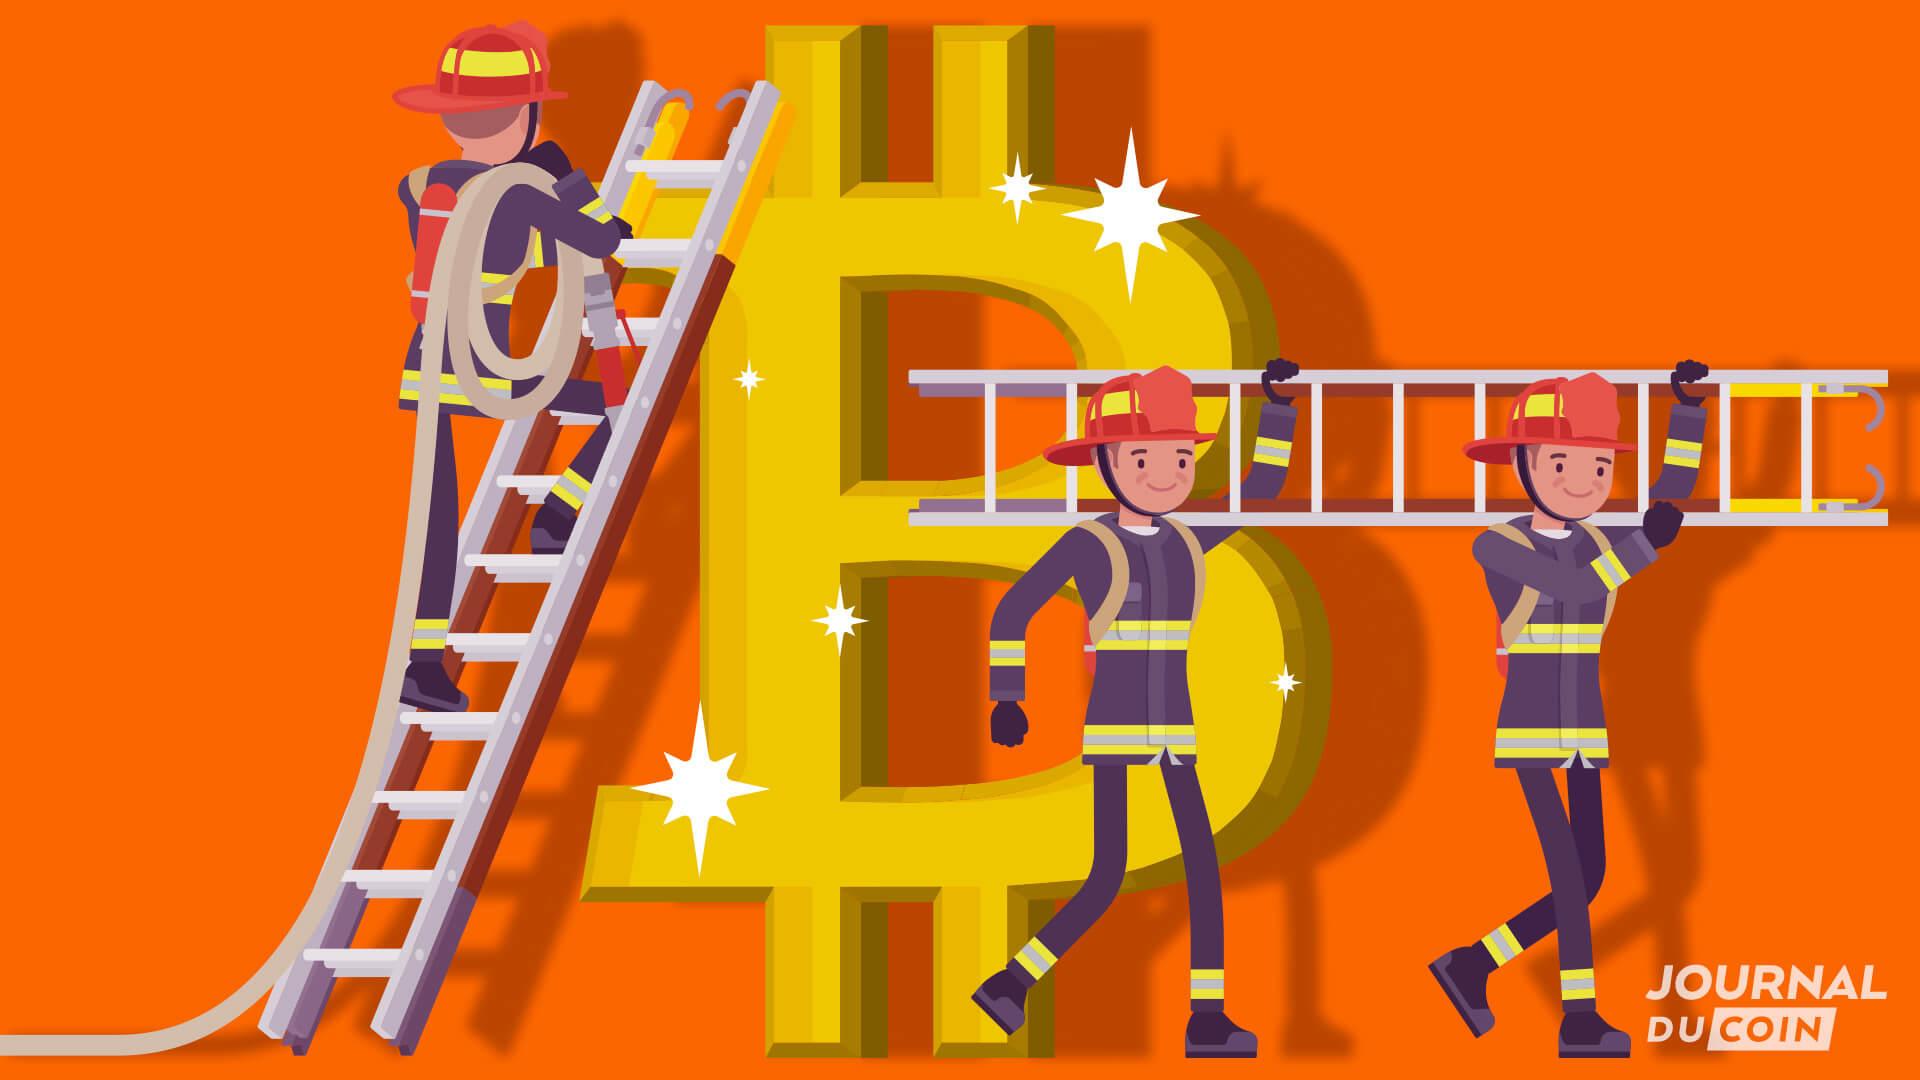 Bitcoin sort la grande échelle ! Les pompiers de Houston font le pari crypto pour leurs retraites